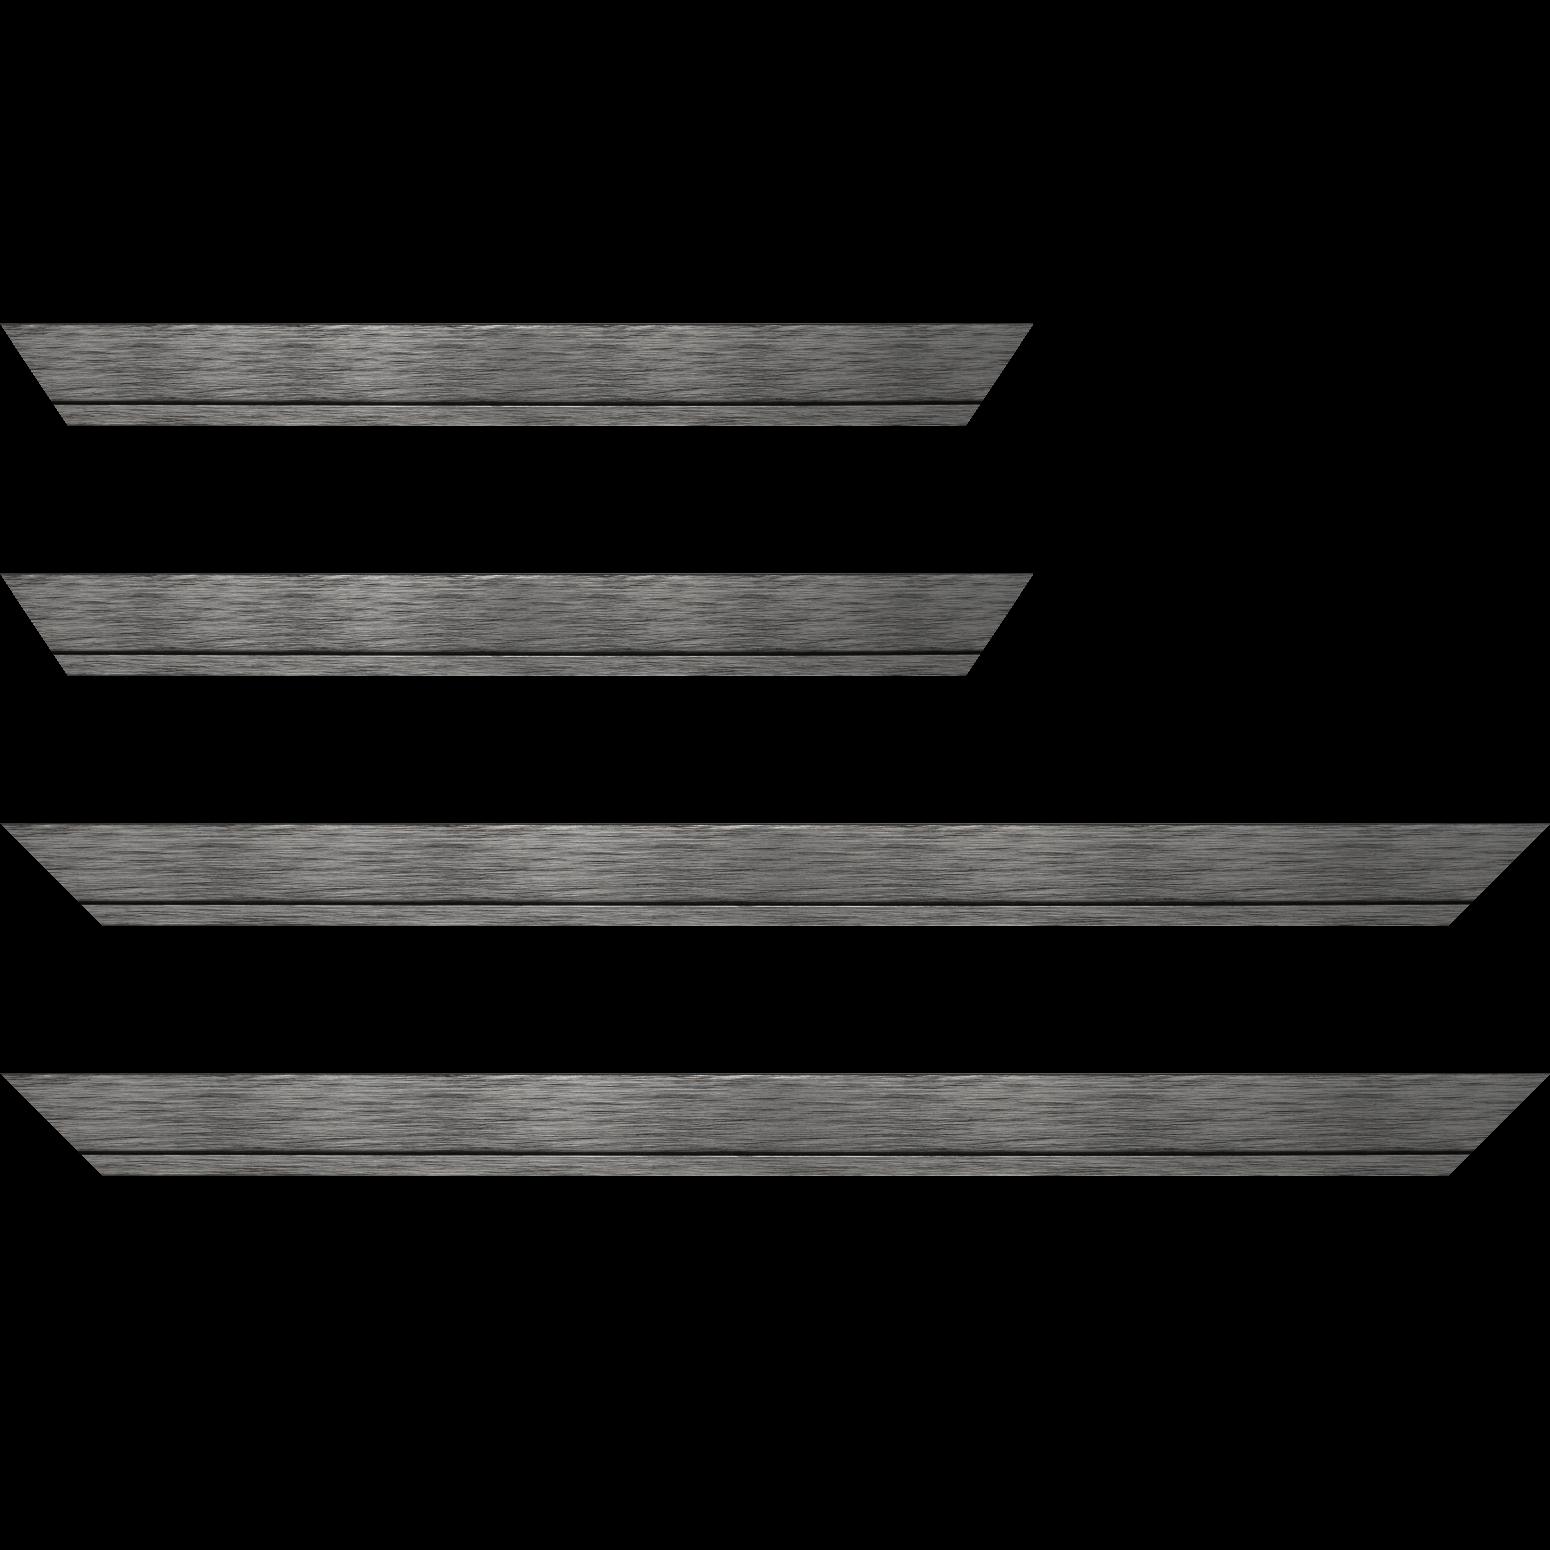 Baguette service précoupé Bois profil plat largeur 3.3cm couleur plomb filet plomb